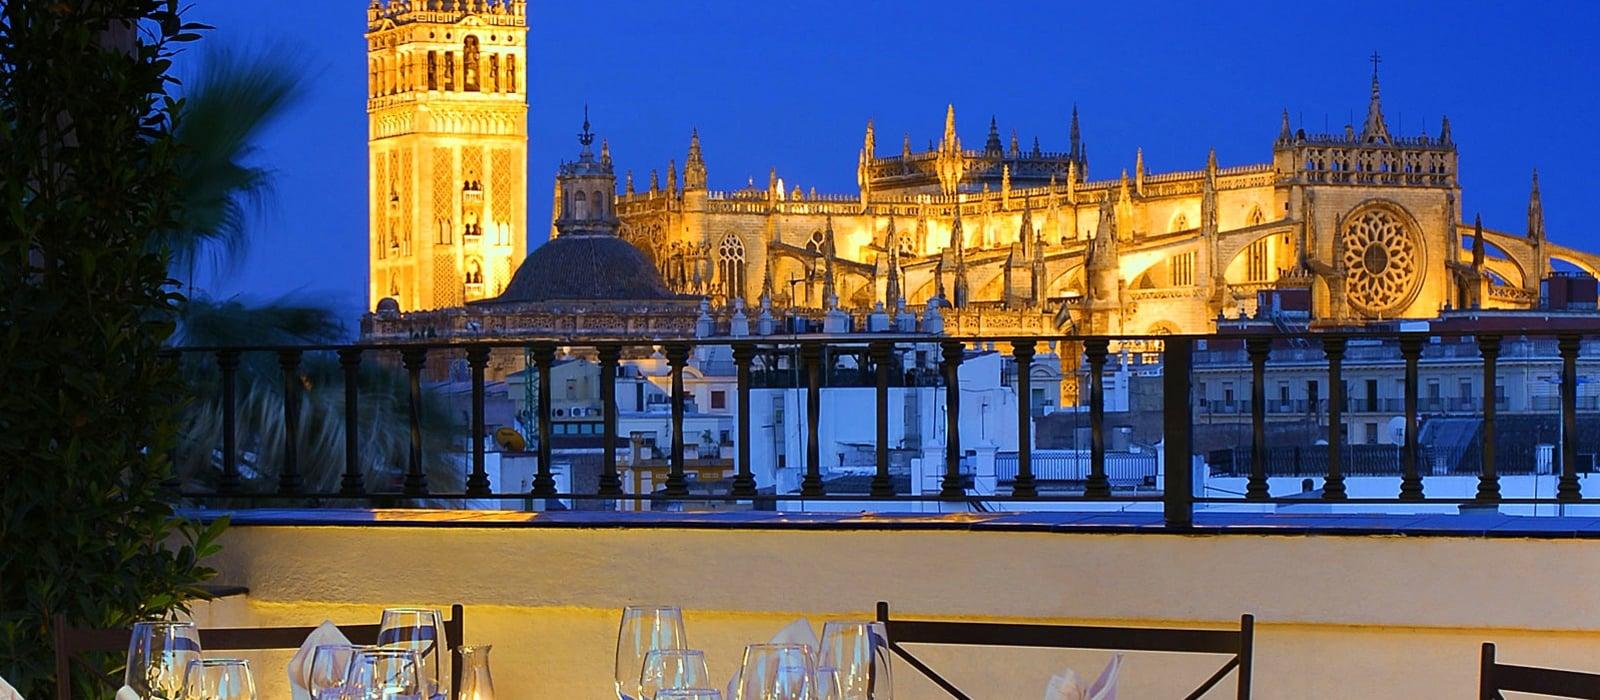 Angebote Hotel Vincci Sevilla La Rabida - 3 Nächte Bleiben und sparen 15%!